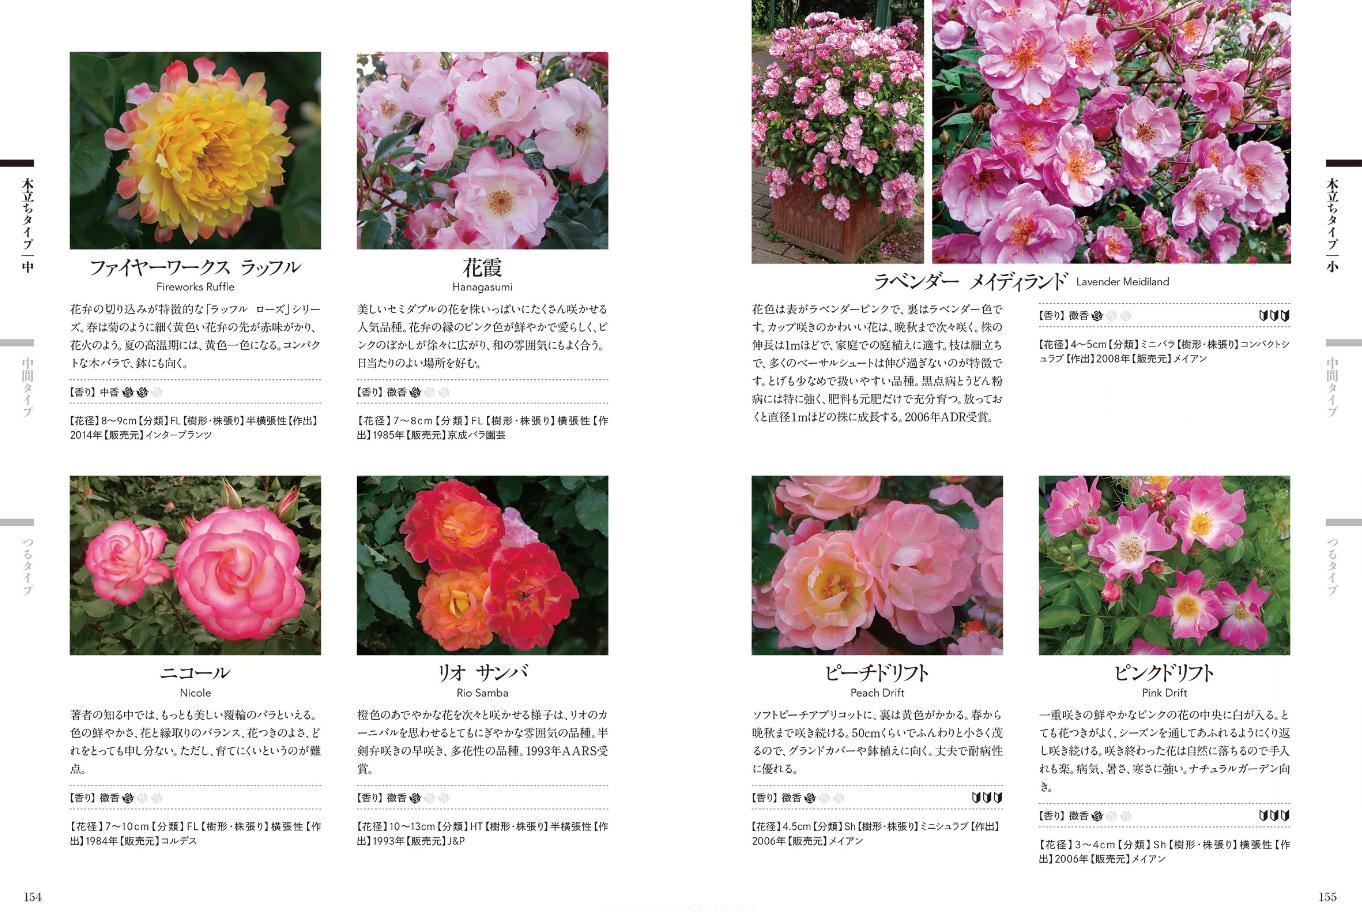 【送料無料】『ガーデンライフシリーズ モダンローズ』[書籍] - 画像3